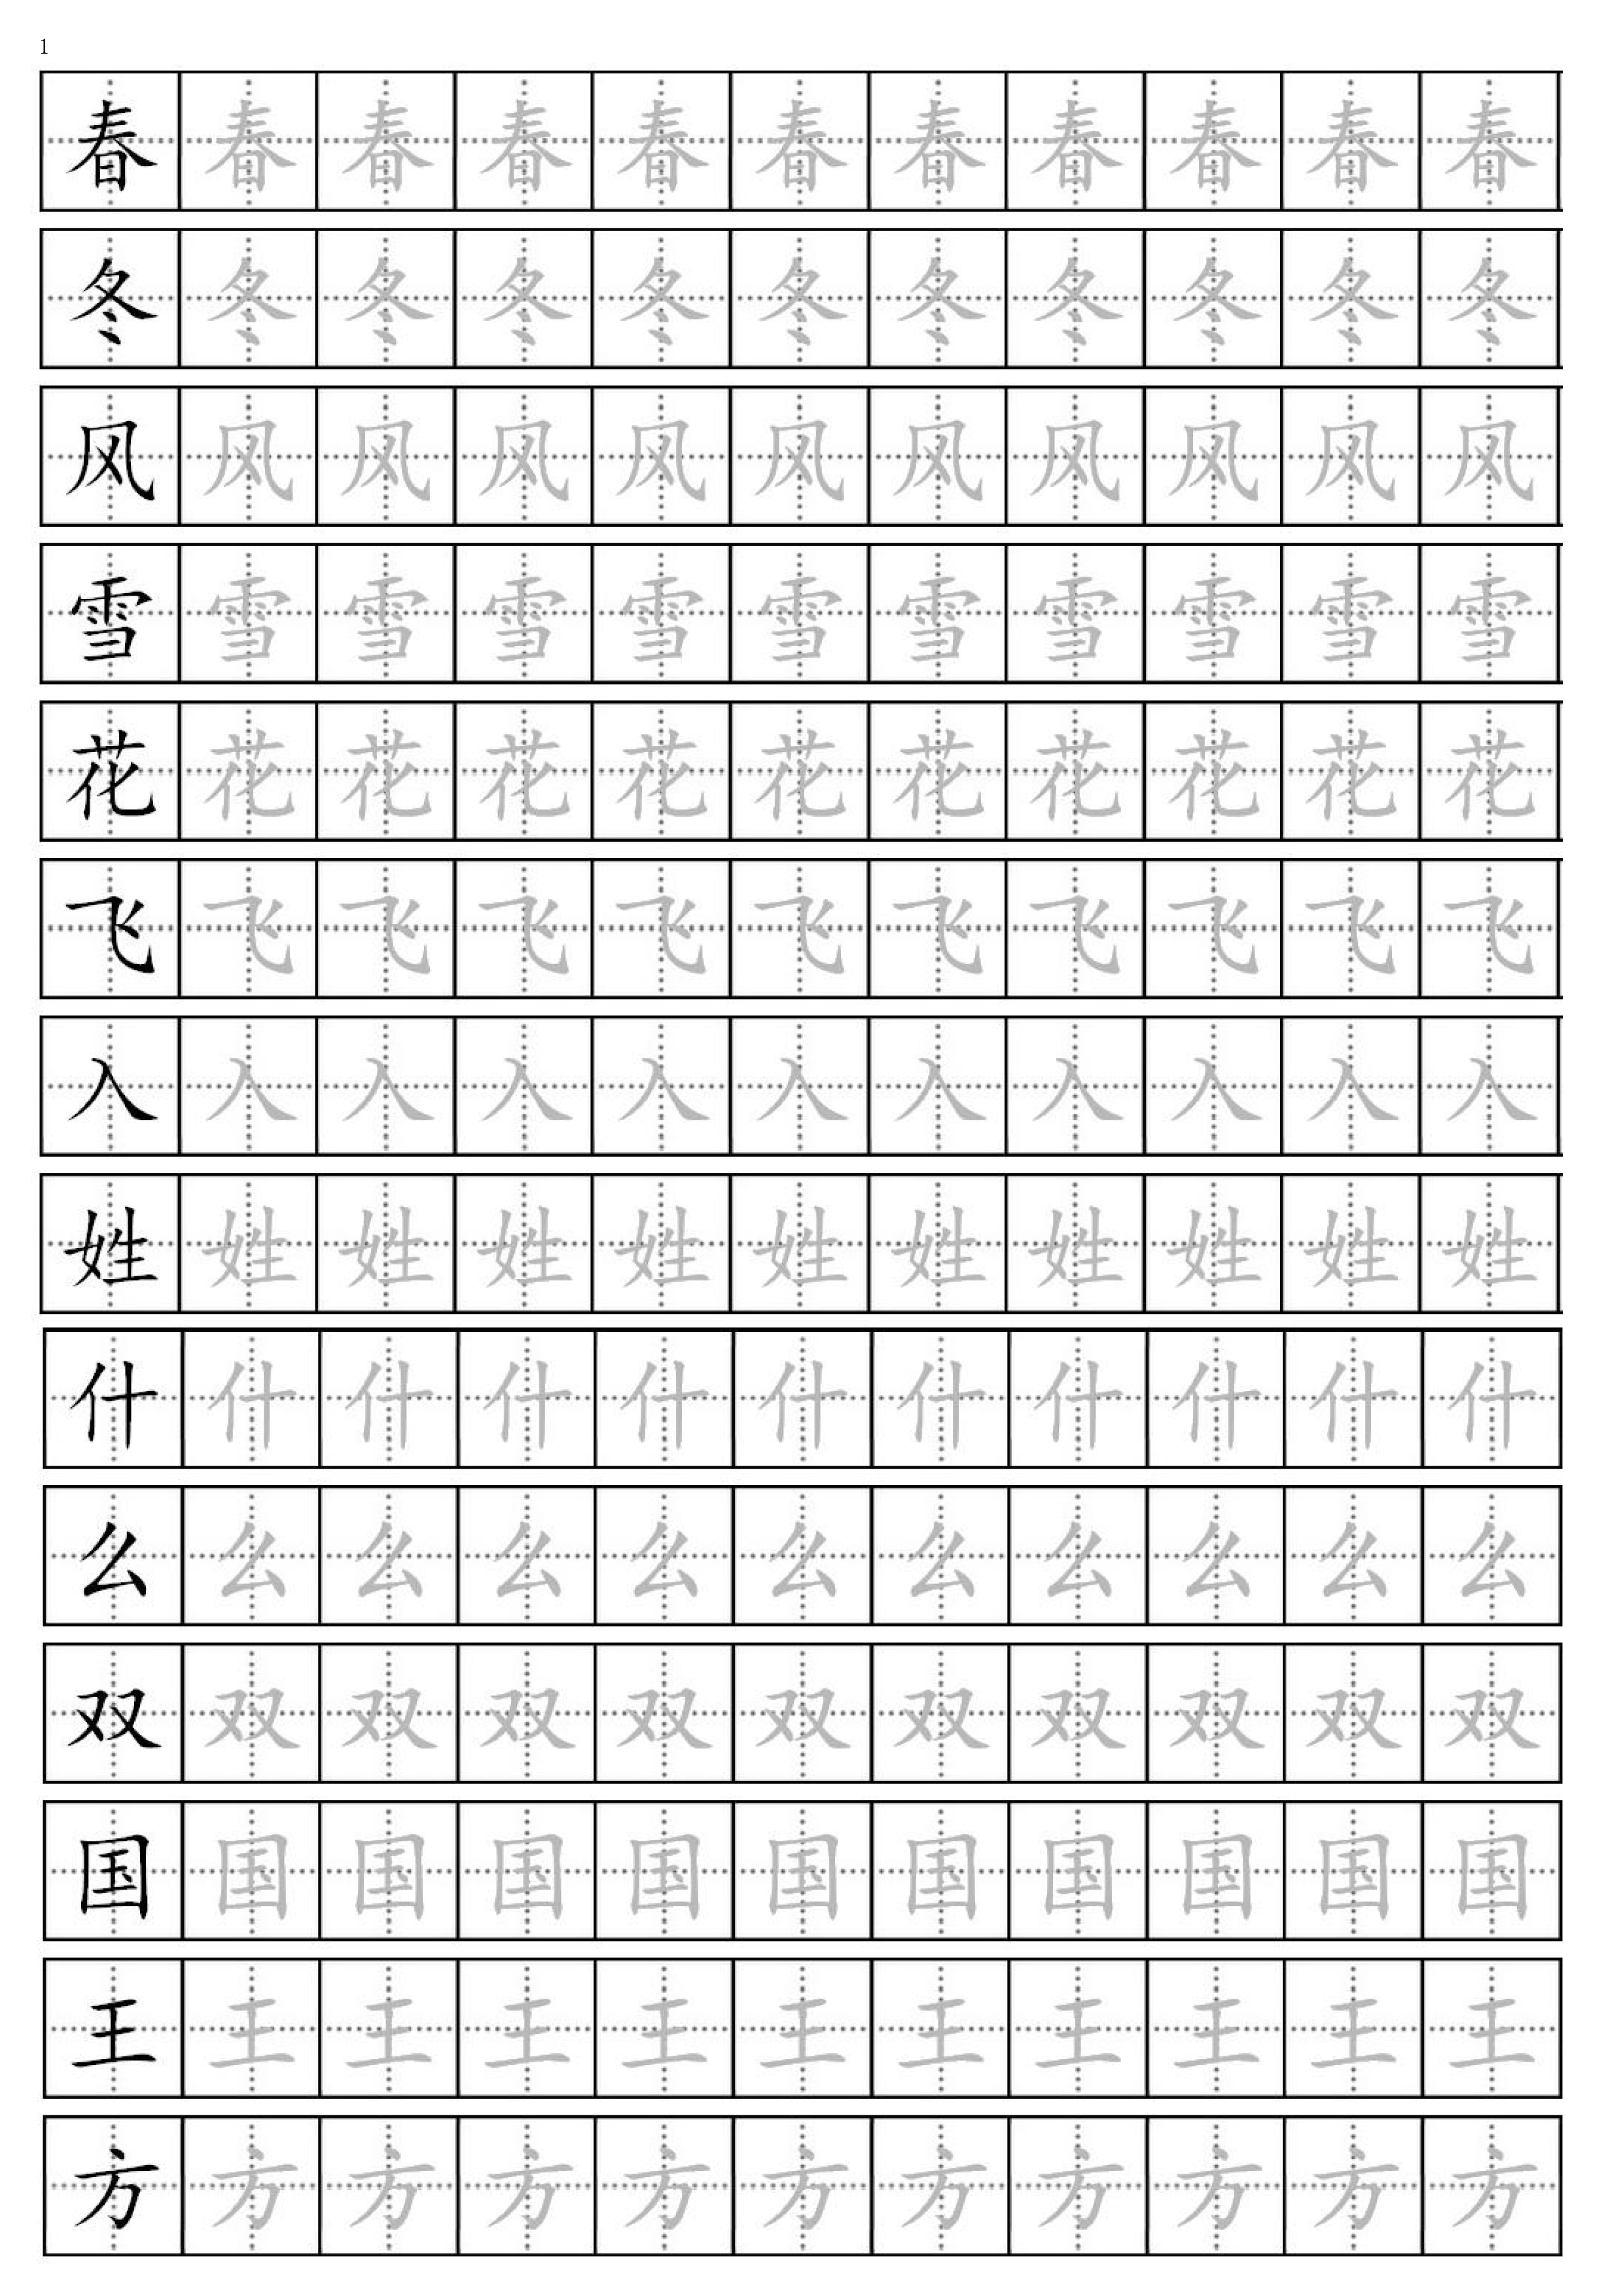 新部编人教版一年级语文下册生字描红字帖,打印给孩子日常练习!